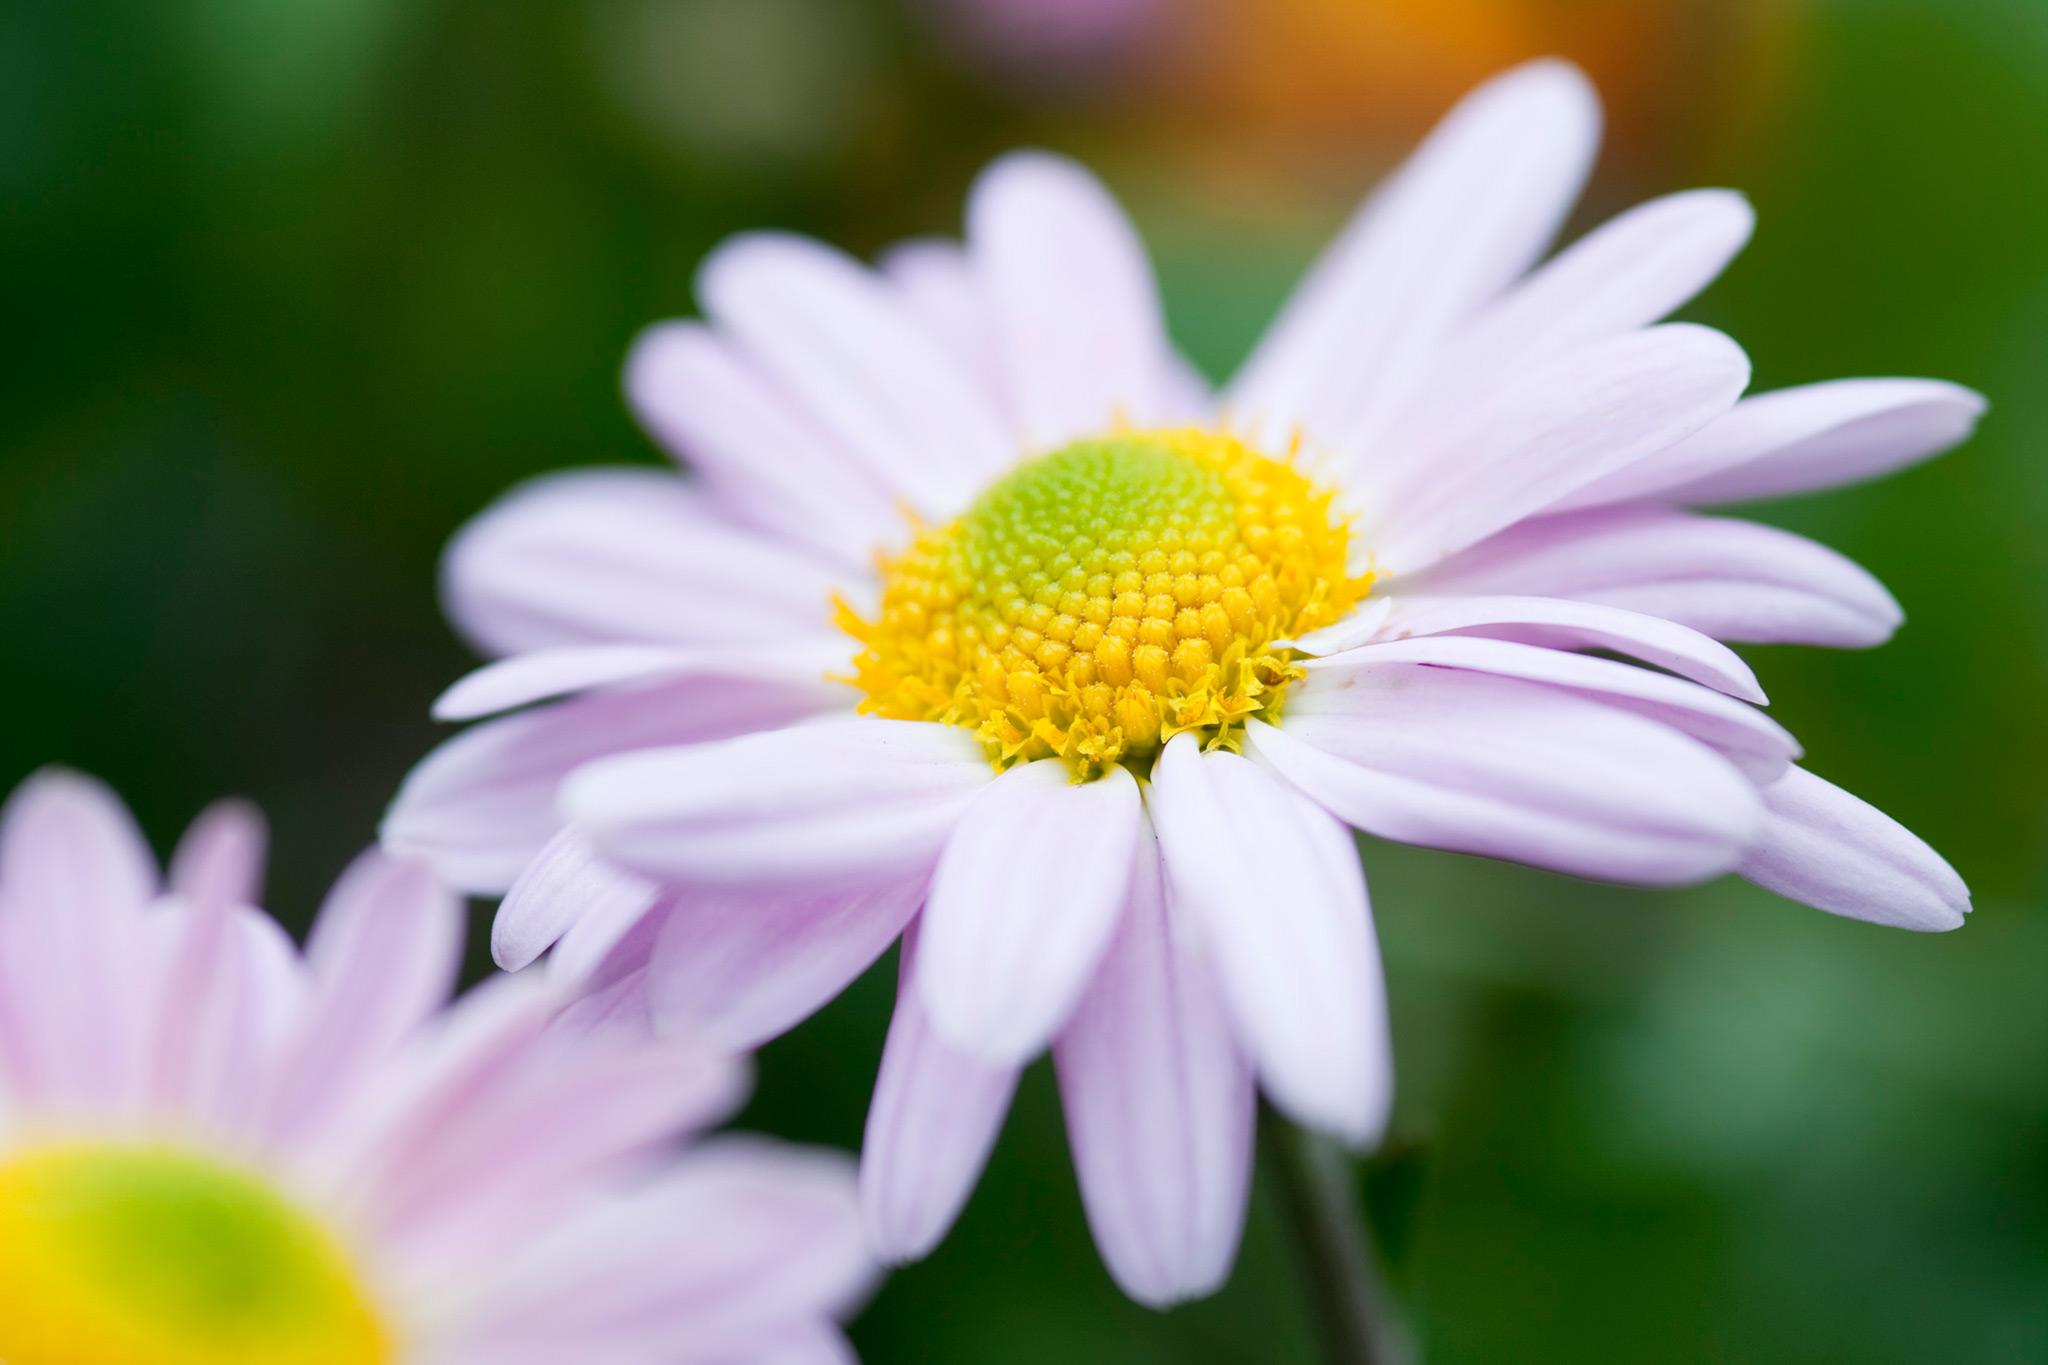 chrysanthemum-aunt-millicent-2